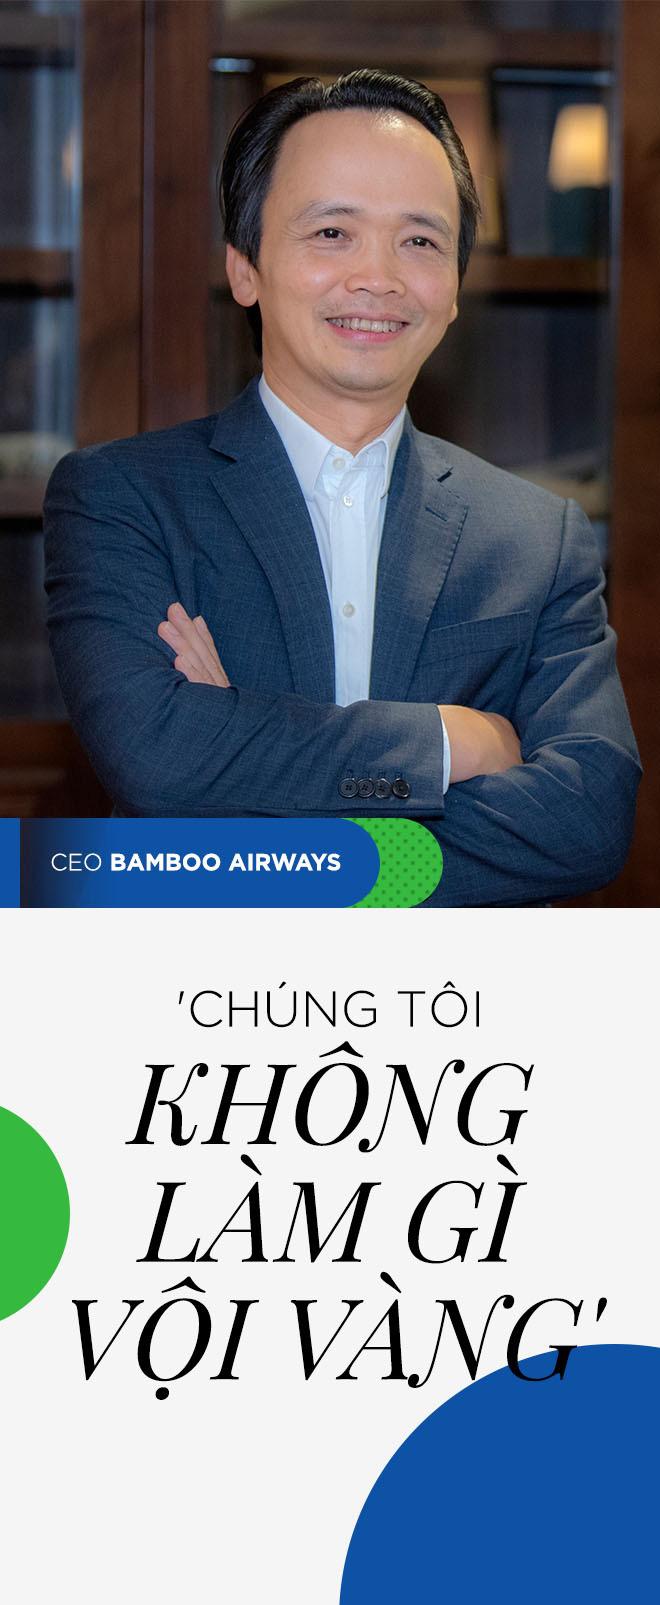 Chủ tịch Bamboo Airways Trịnh Văn Quyết: Chúng tôi không làm gì vội vàng - Ảnh 1.